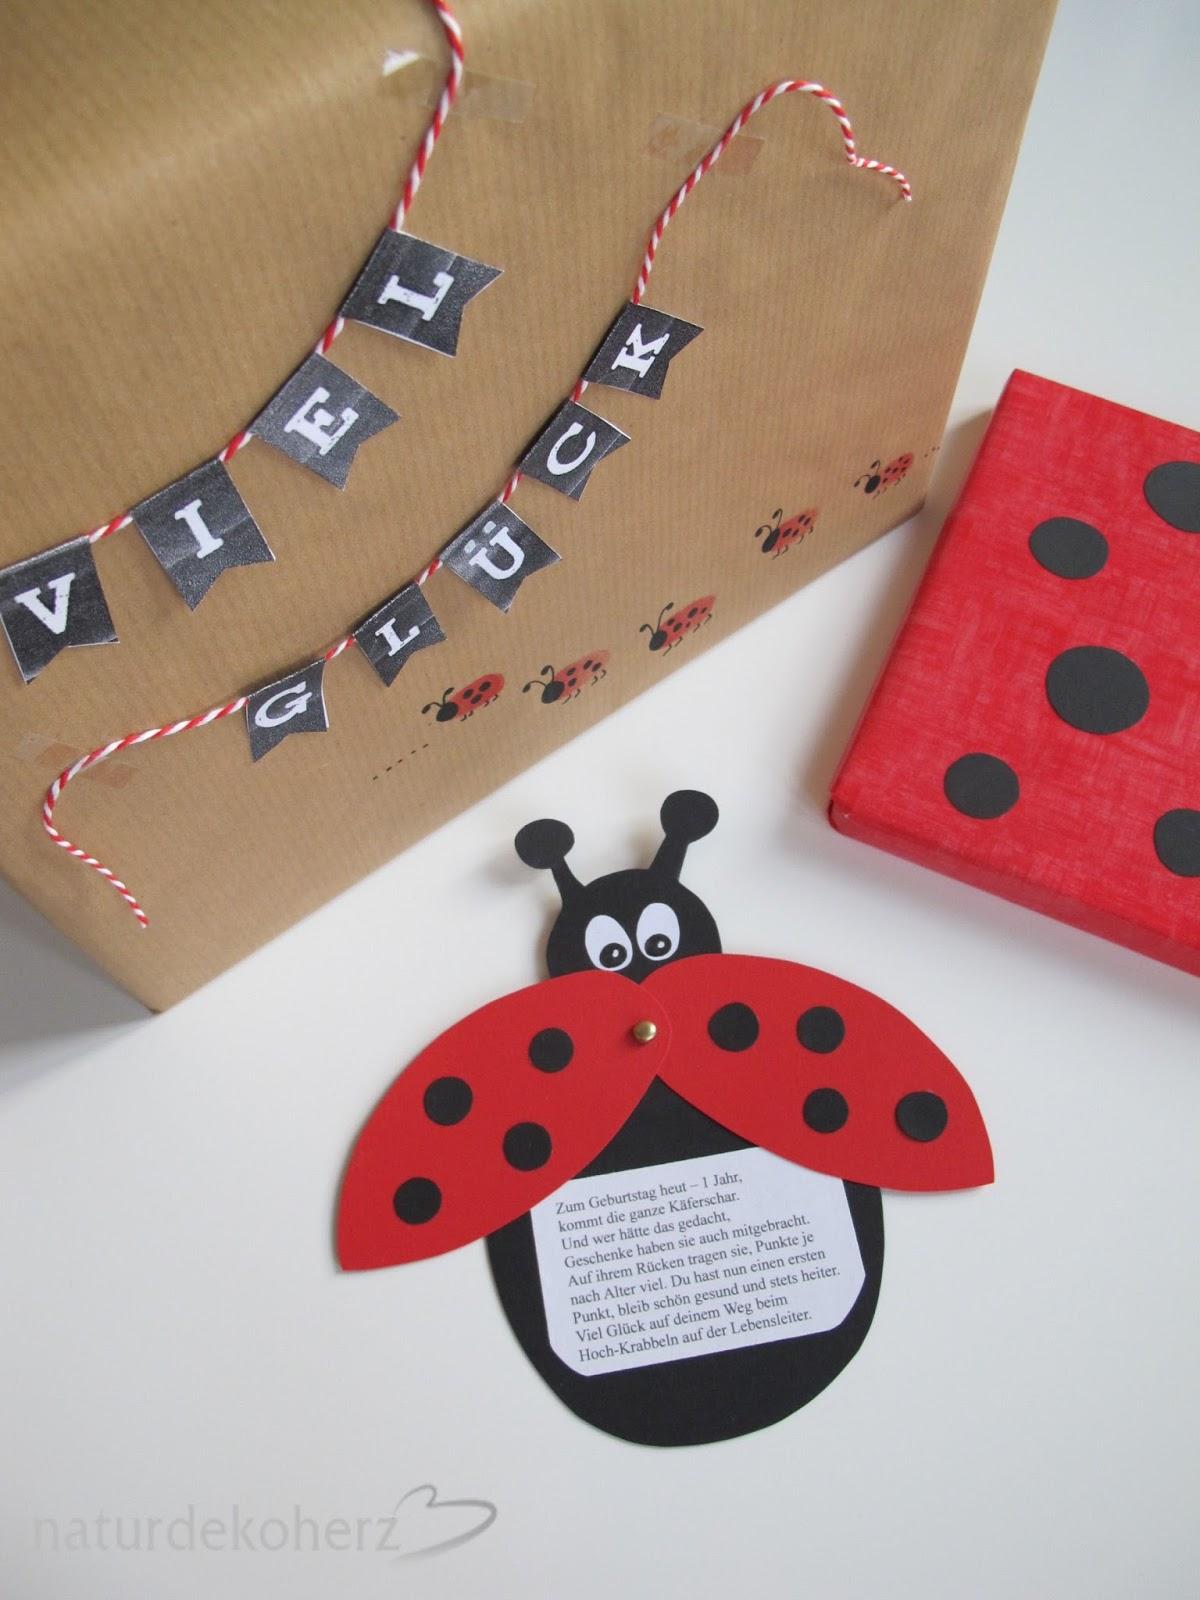 naturdekoherz: karte und geschenke im käferlook zum 1. geburtstag